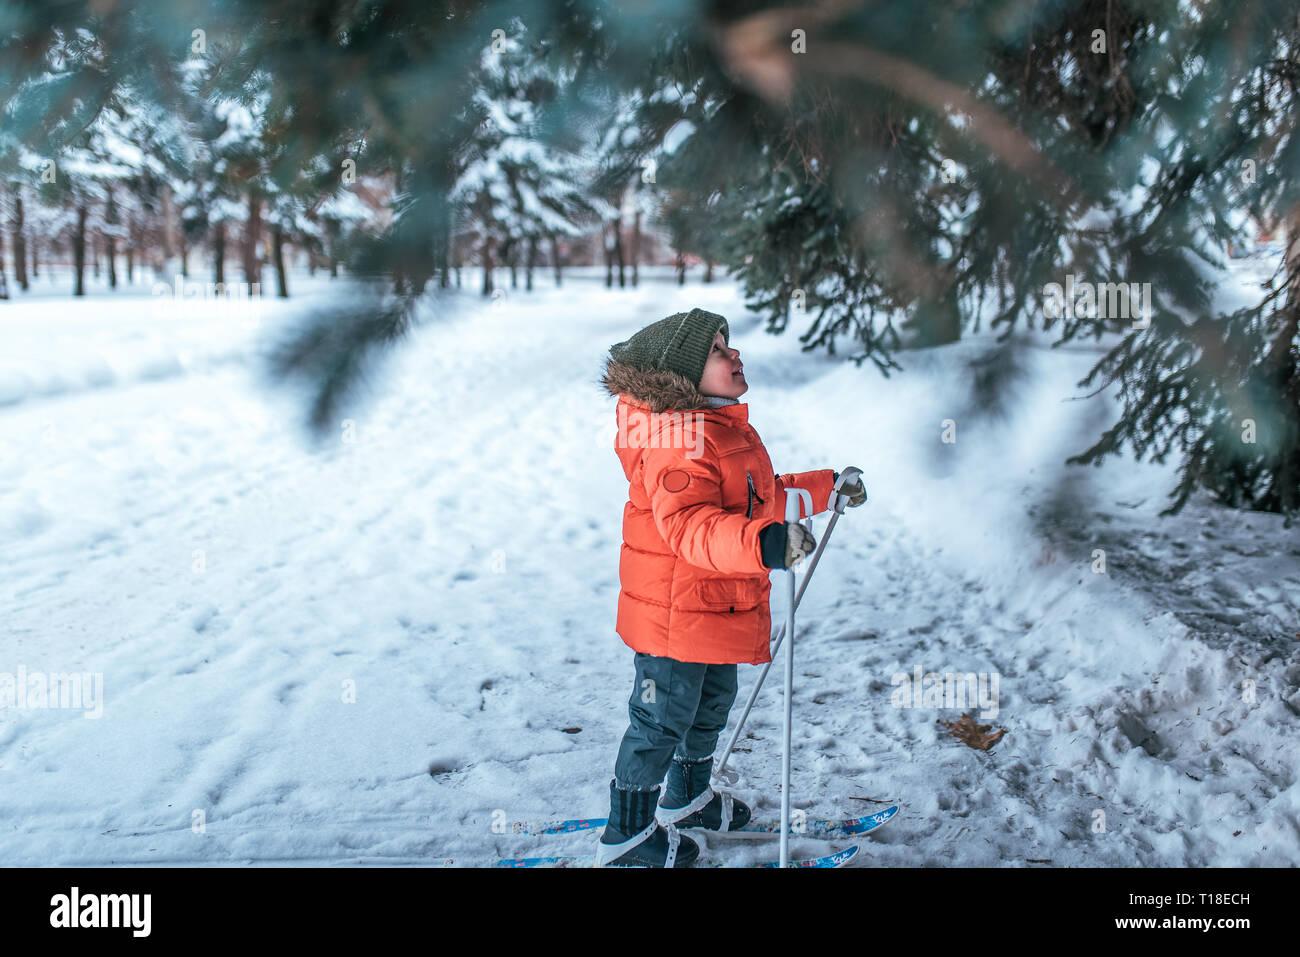 Un pequeño niño de 3-6 años, en el invierno en el parque de la ciudad, mira los árboles en esquís para niños. Espacio libre para el texto. Los primeros pasos de los niños Foto de stock